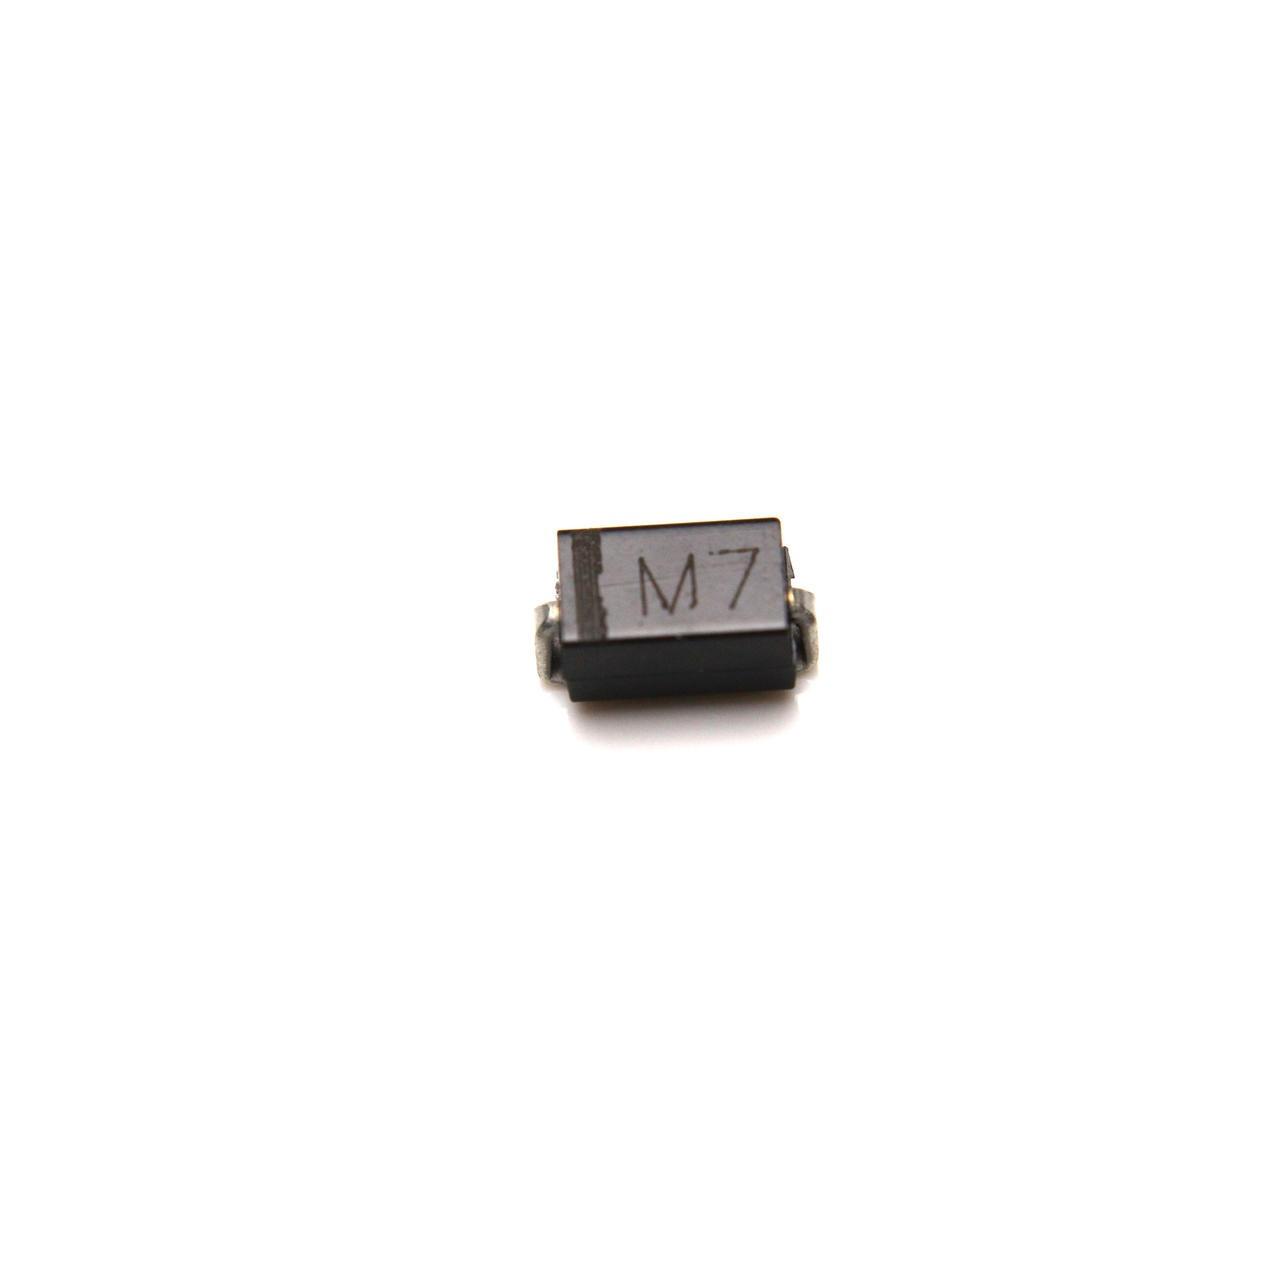 貼片整流二極管 M7  封裝 SMA DO-214AC  IN4007   貼片二極管  揚杰